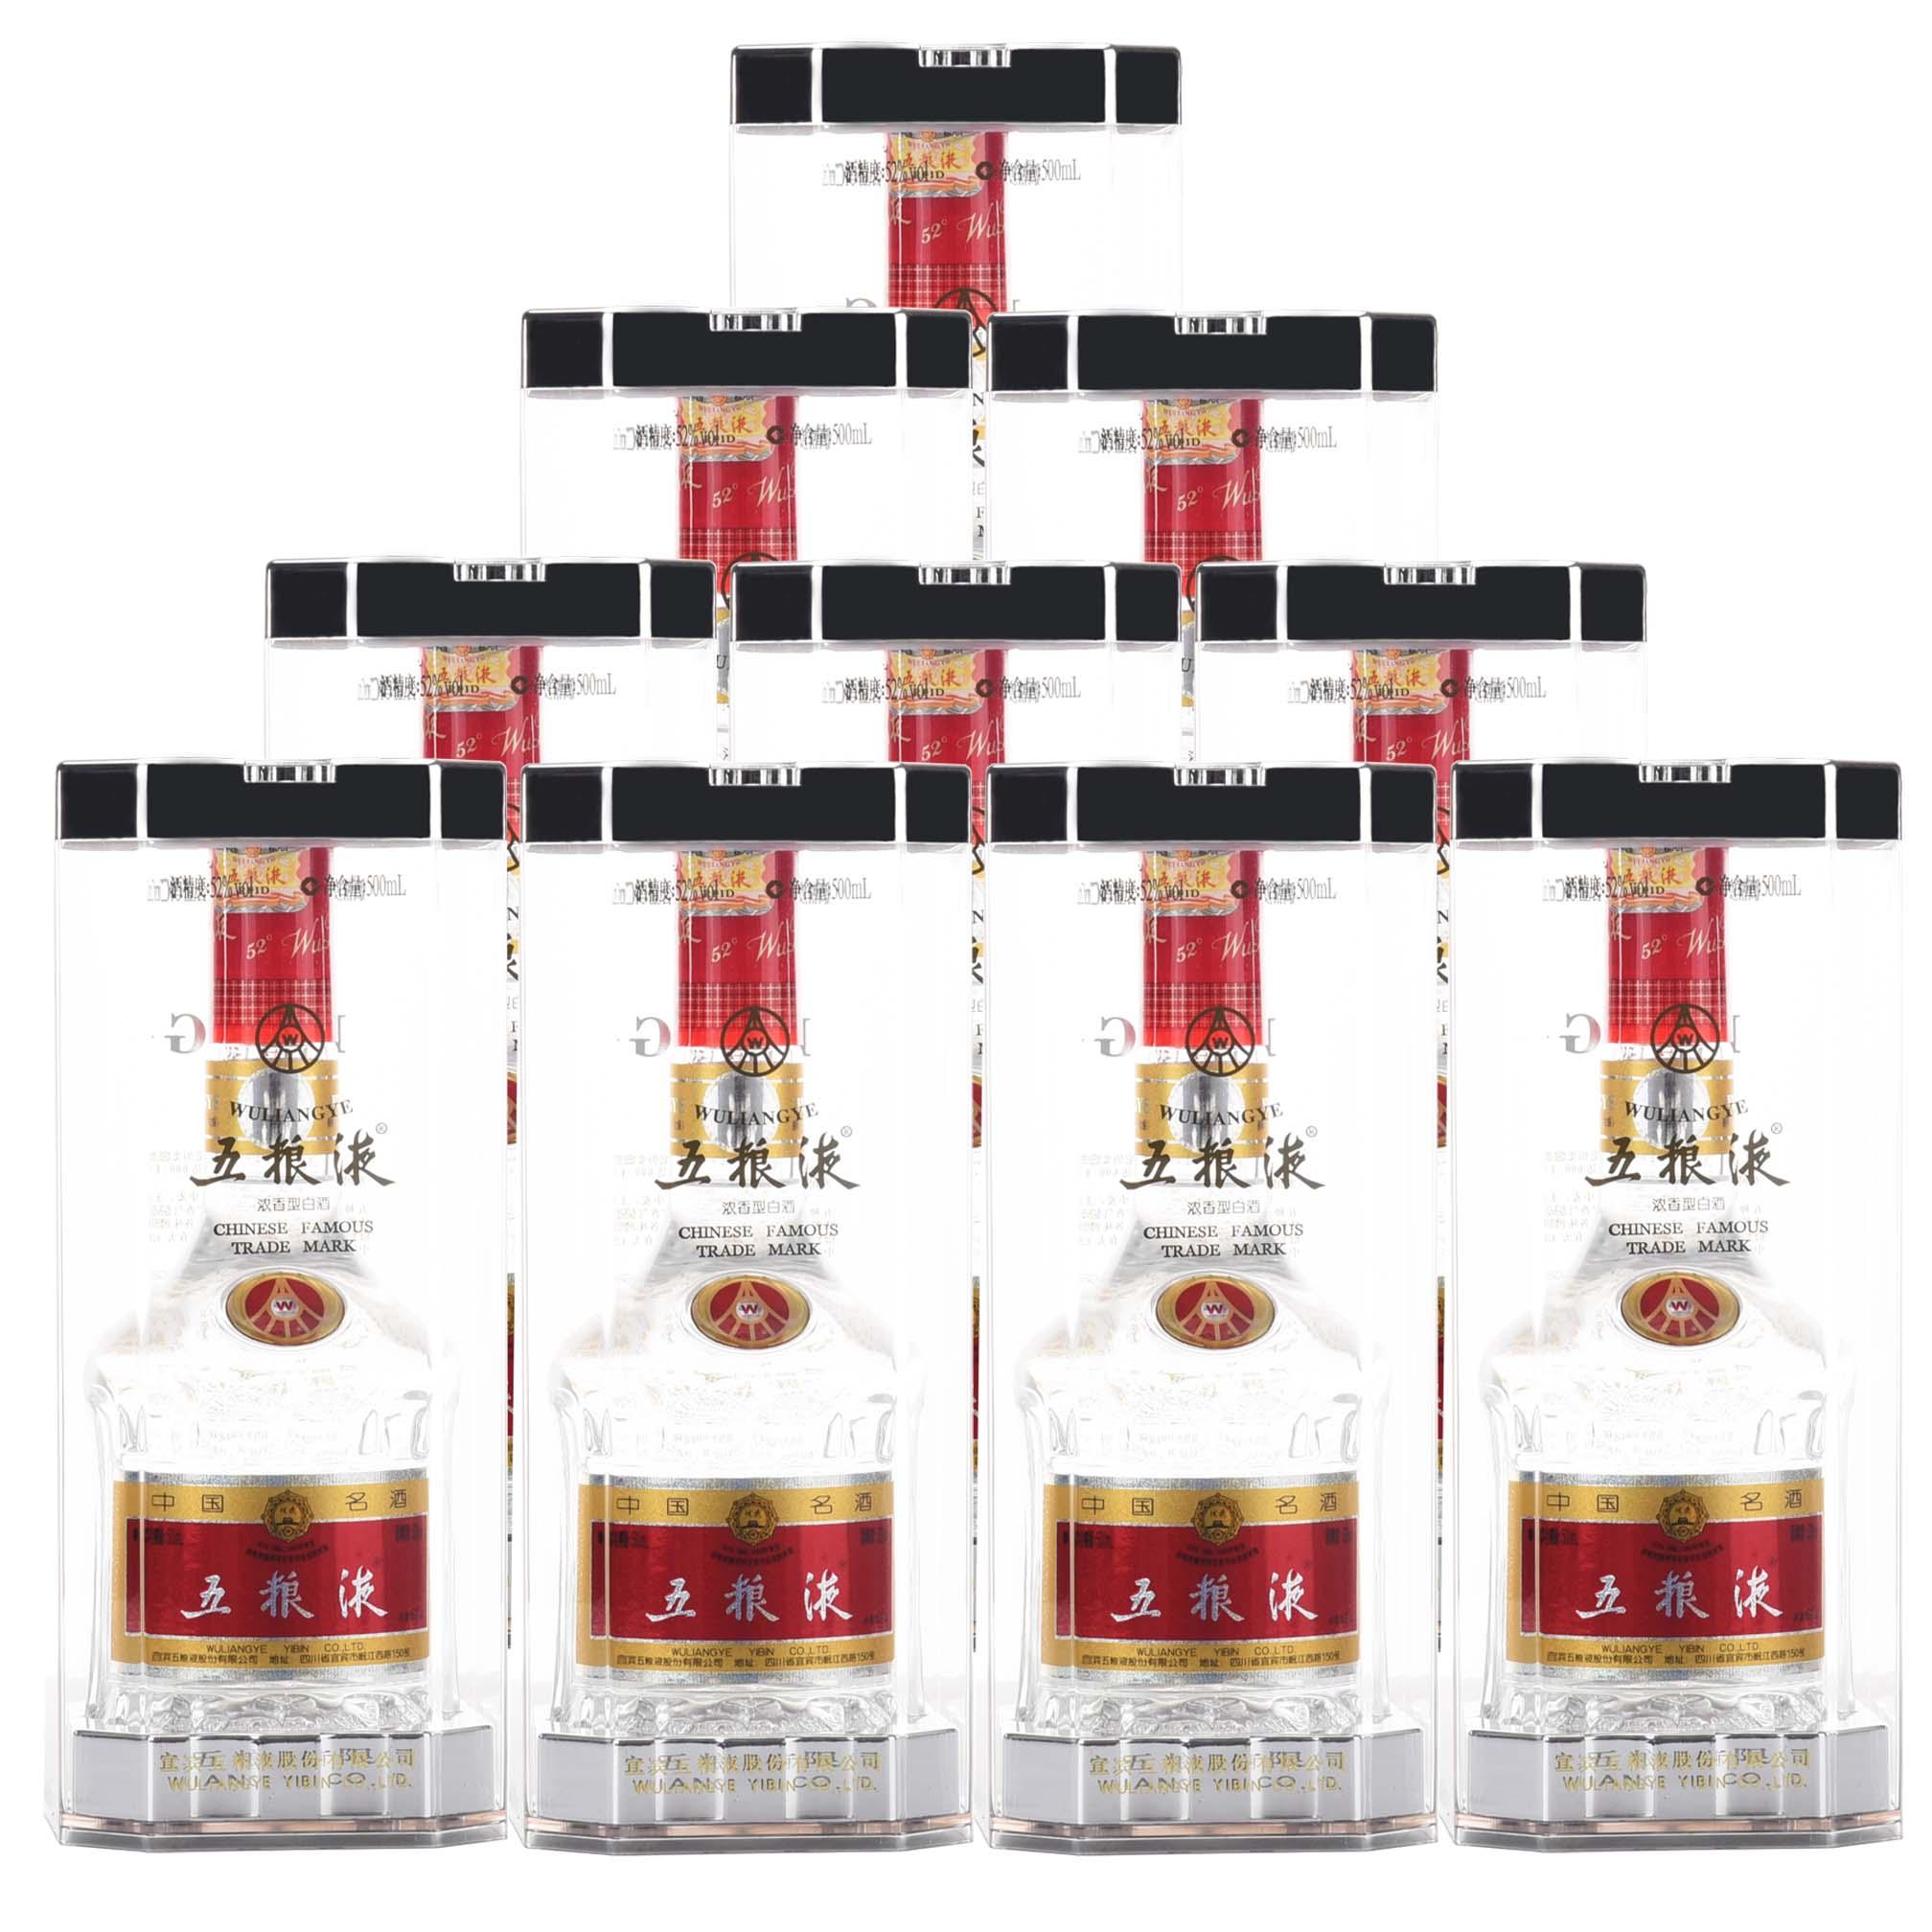 52°五粮液普五透明水晶盒500ml(2015年-2017年随机发货)10瓶